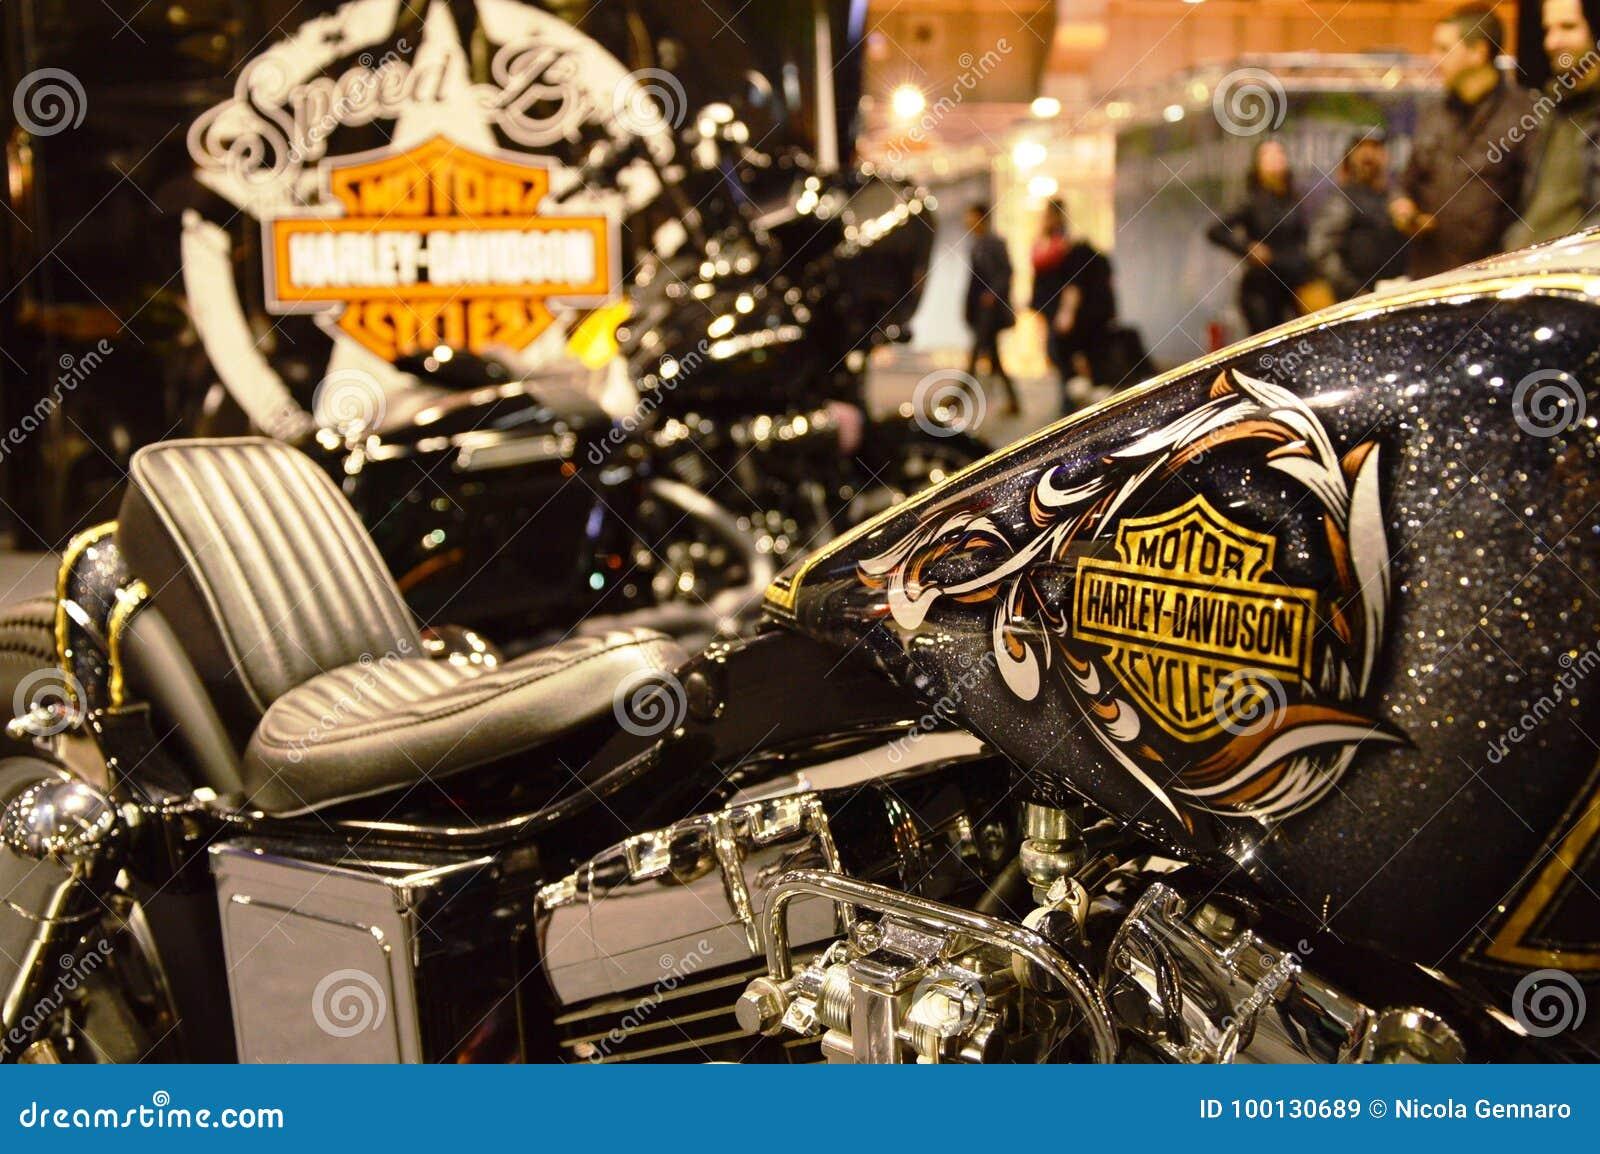 Expo della bici del motore, motocicletta Harley Davidson